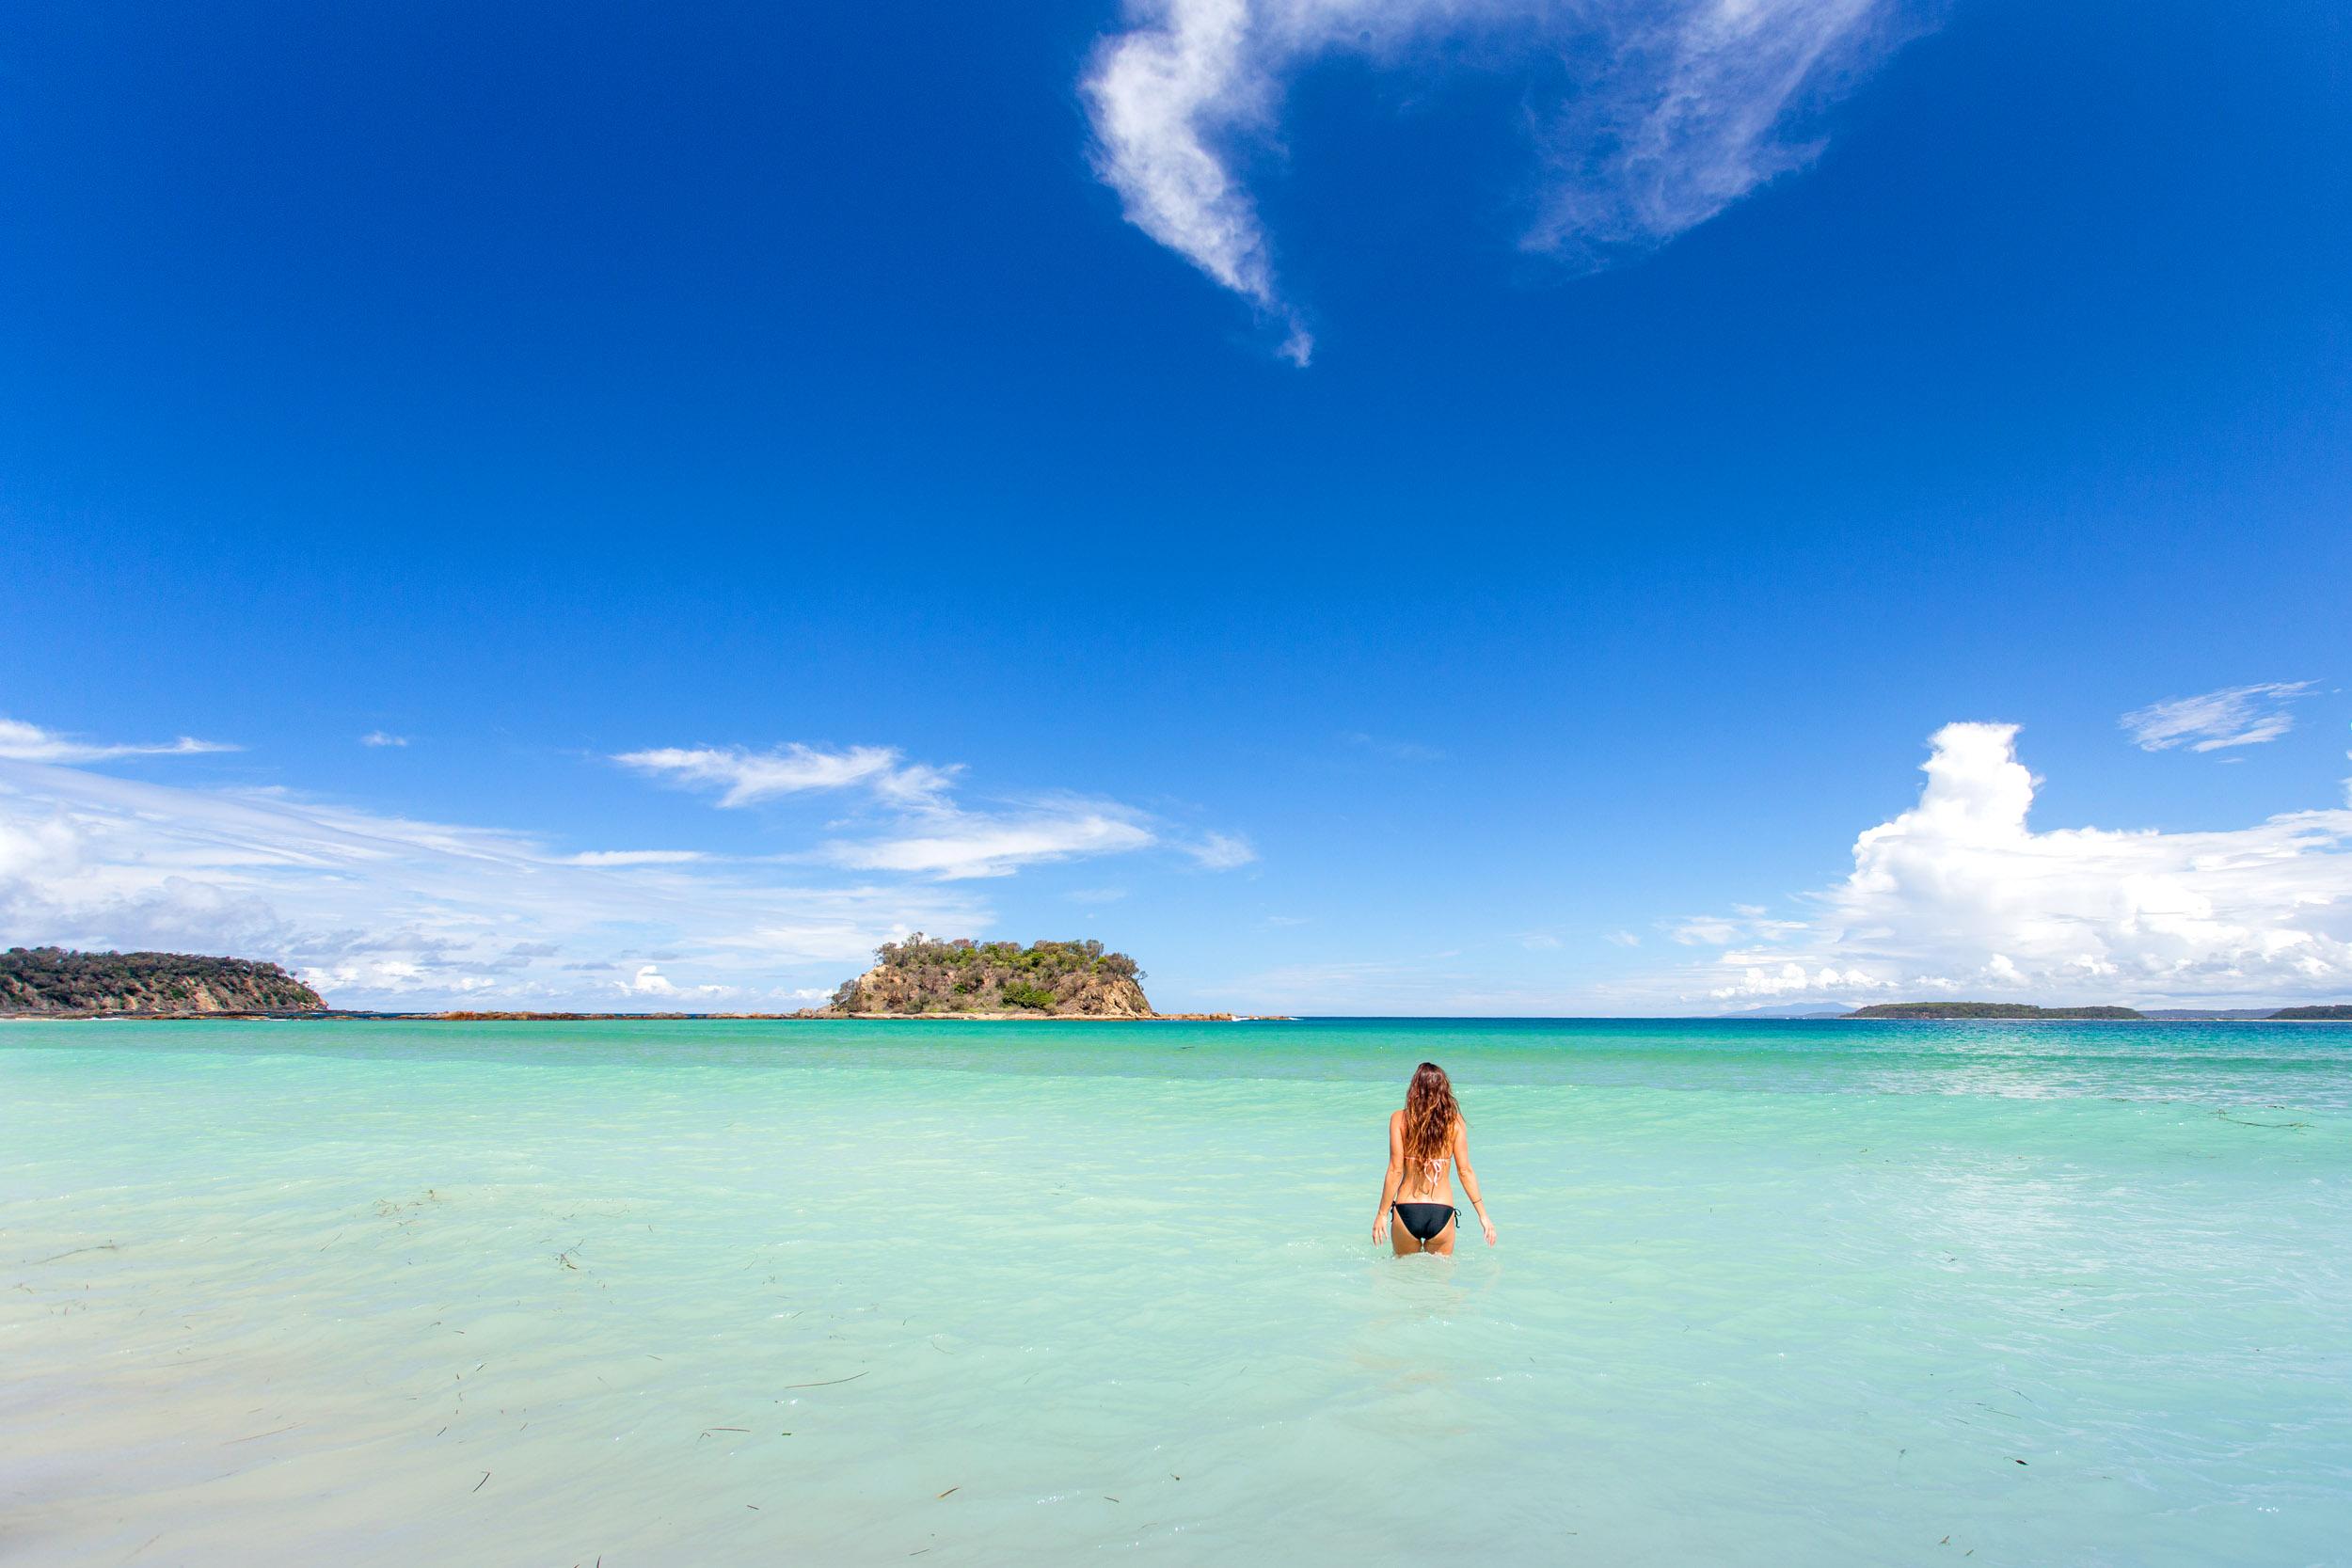 barlings-beach-swimming-south-coast.jpg